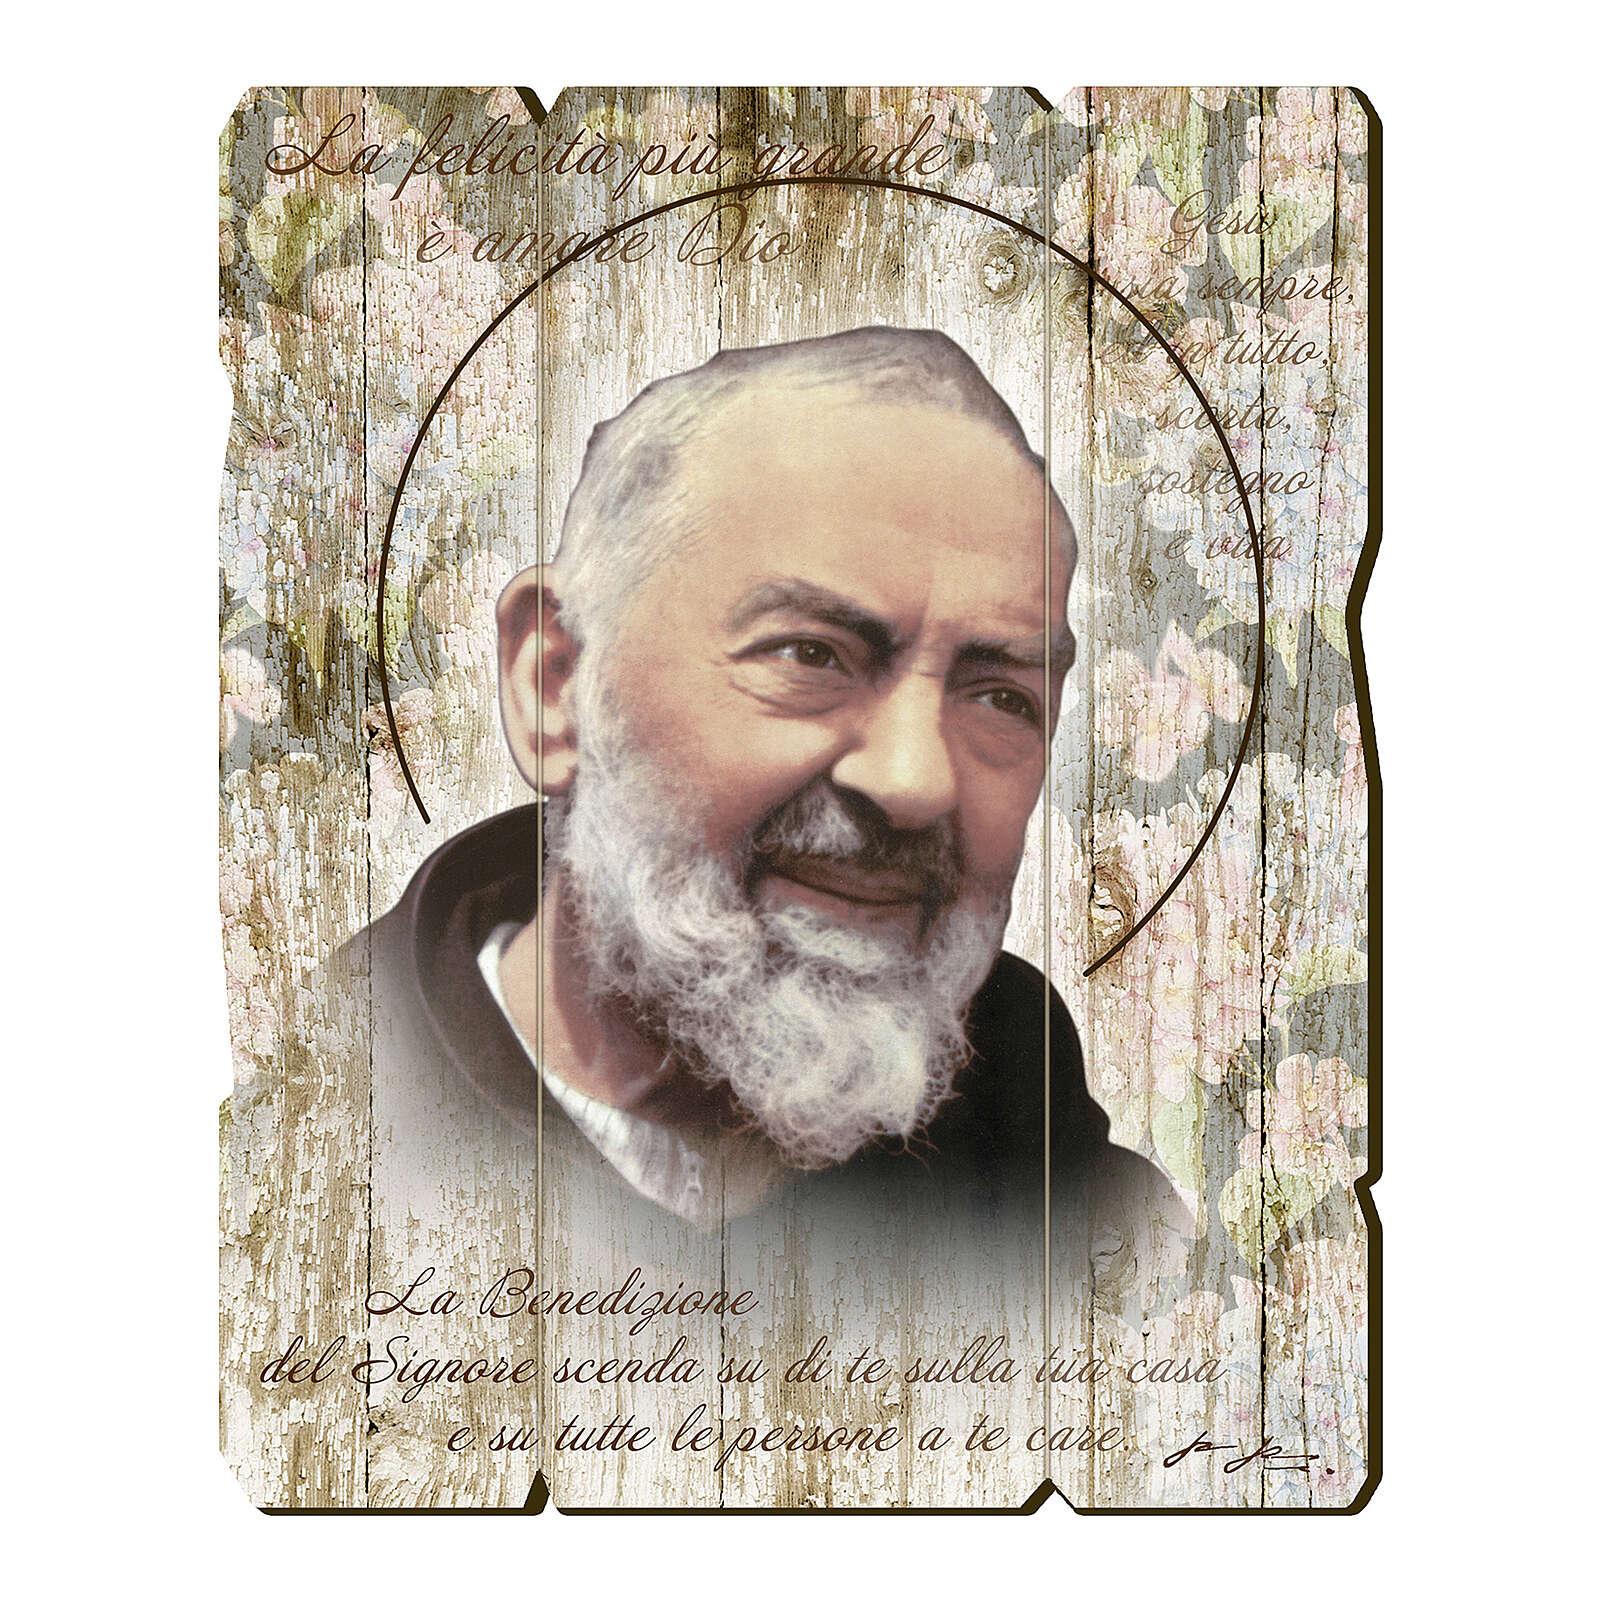 Quadro madeira moldada gancho no verso Padre Pio 3